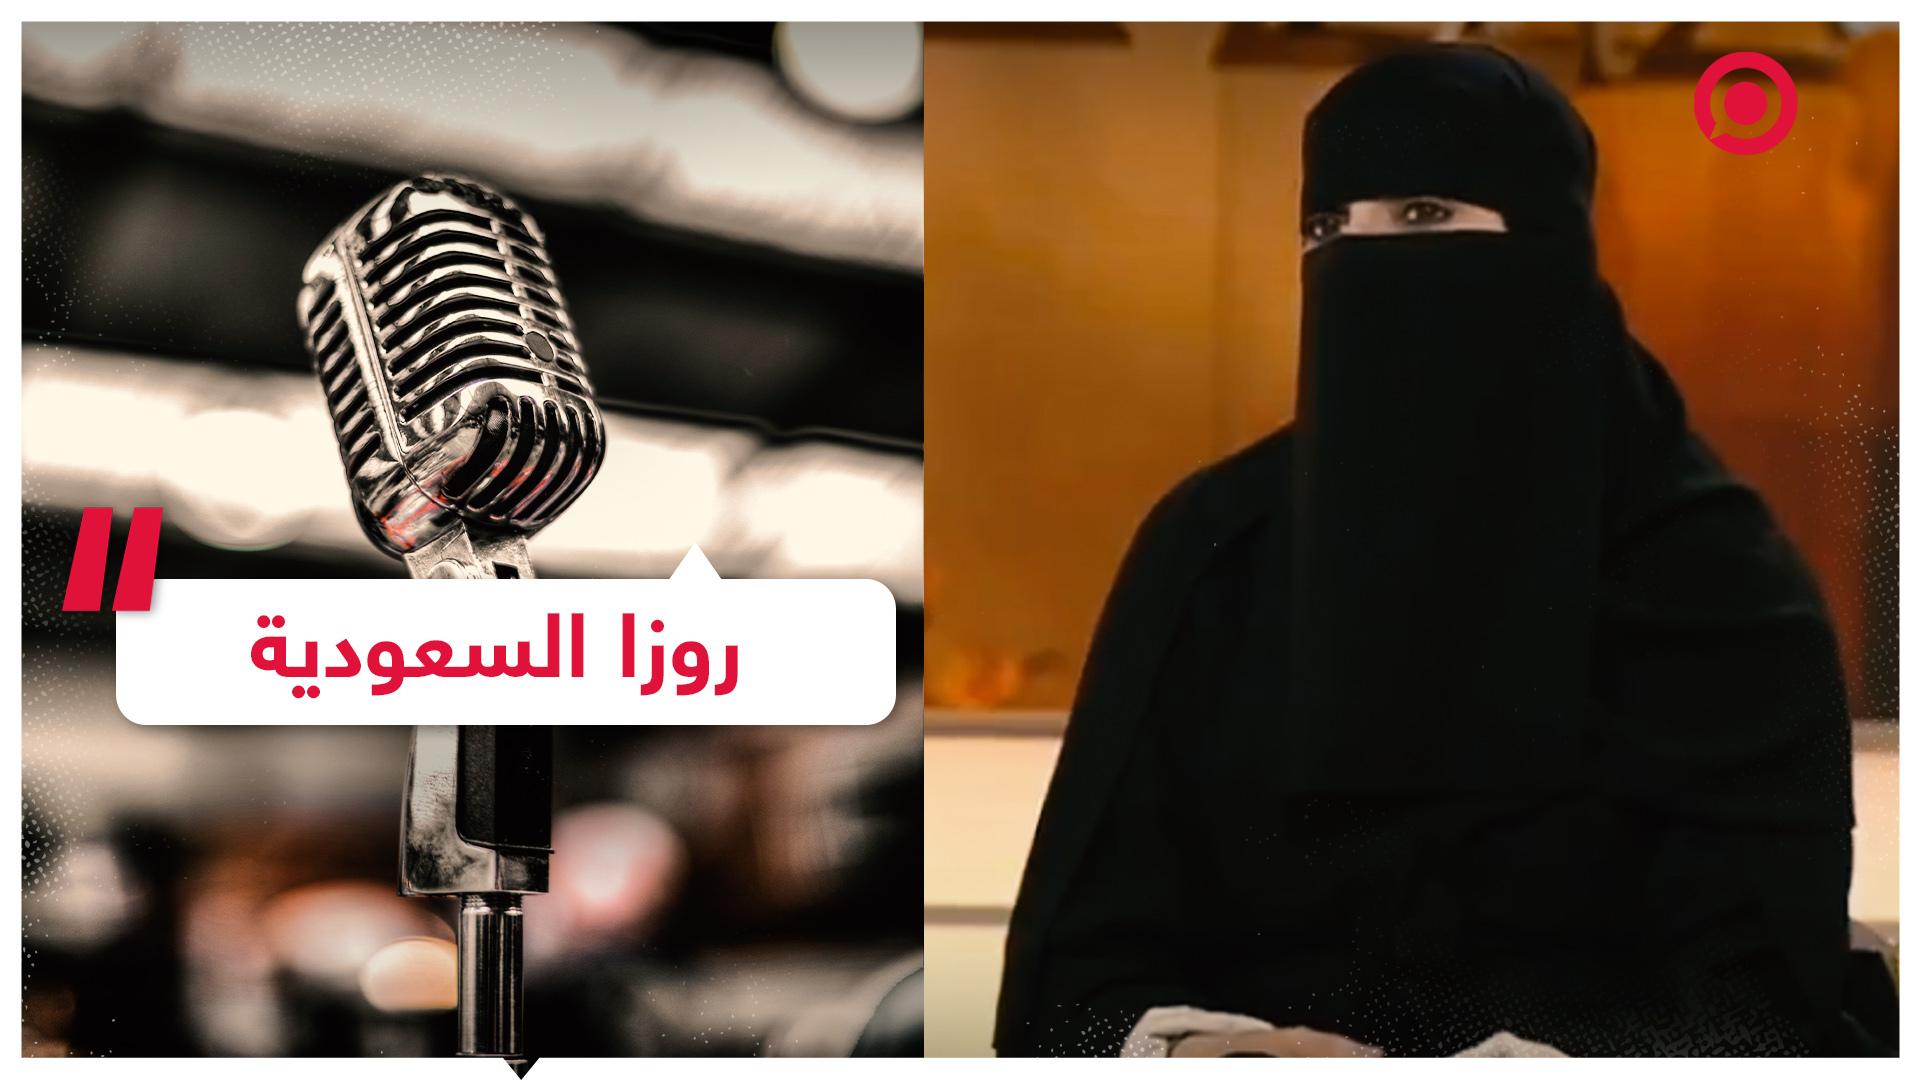 """مغنية سعودية ترتدي النقاب وتعتبره """"قطعة قماش"""" لا تمنعها من الغناء"""